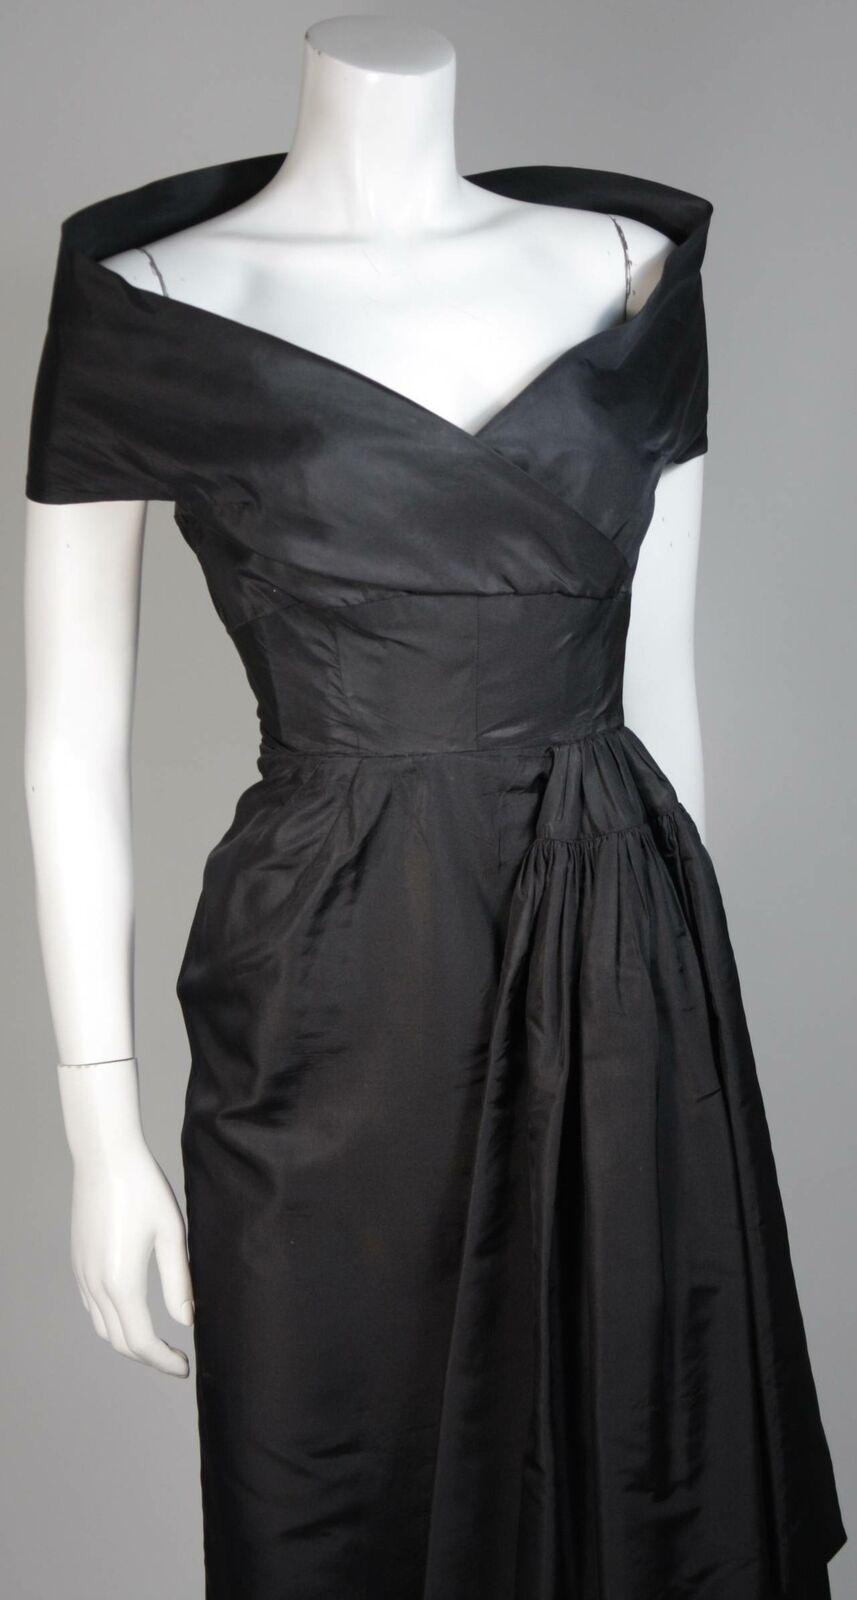 CEIL CHAPMAN  Black Cocktail Dress with Draped De… - image 5